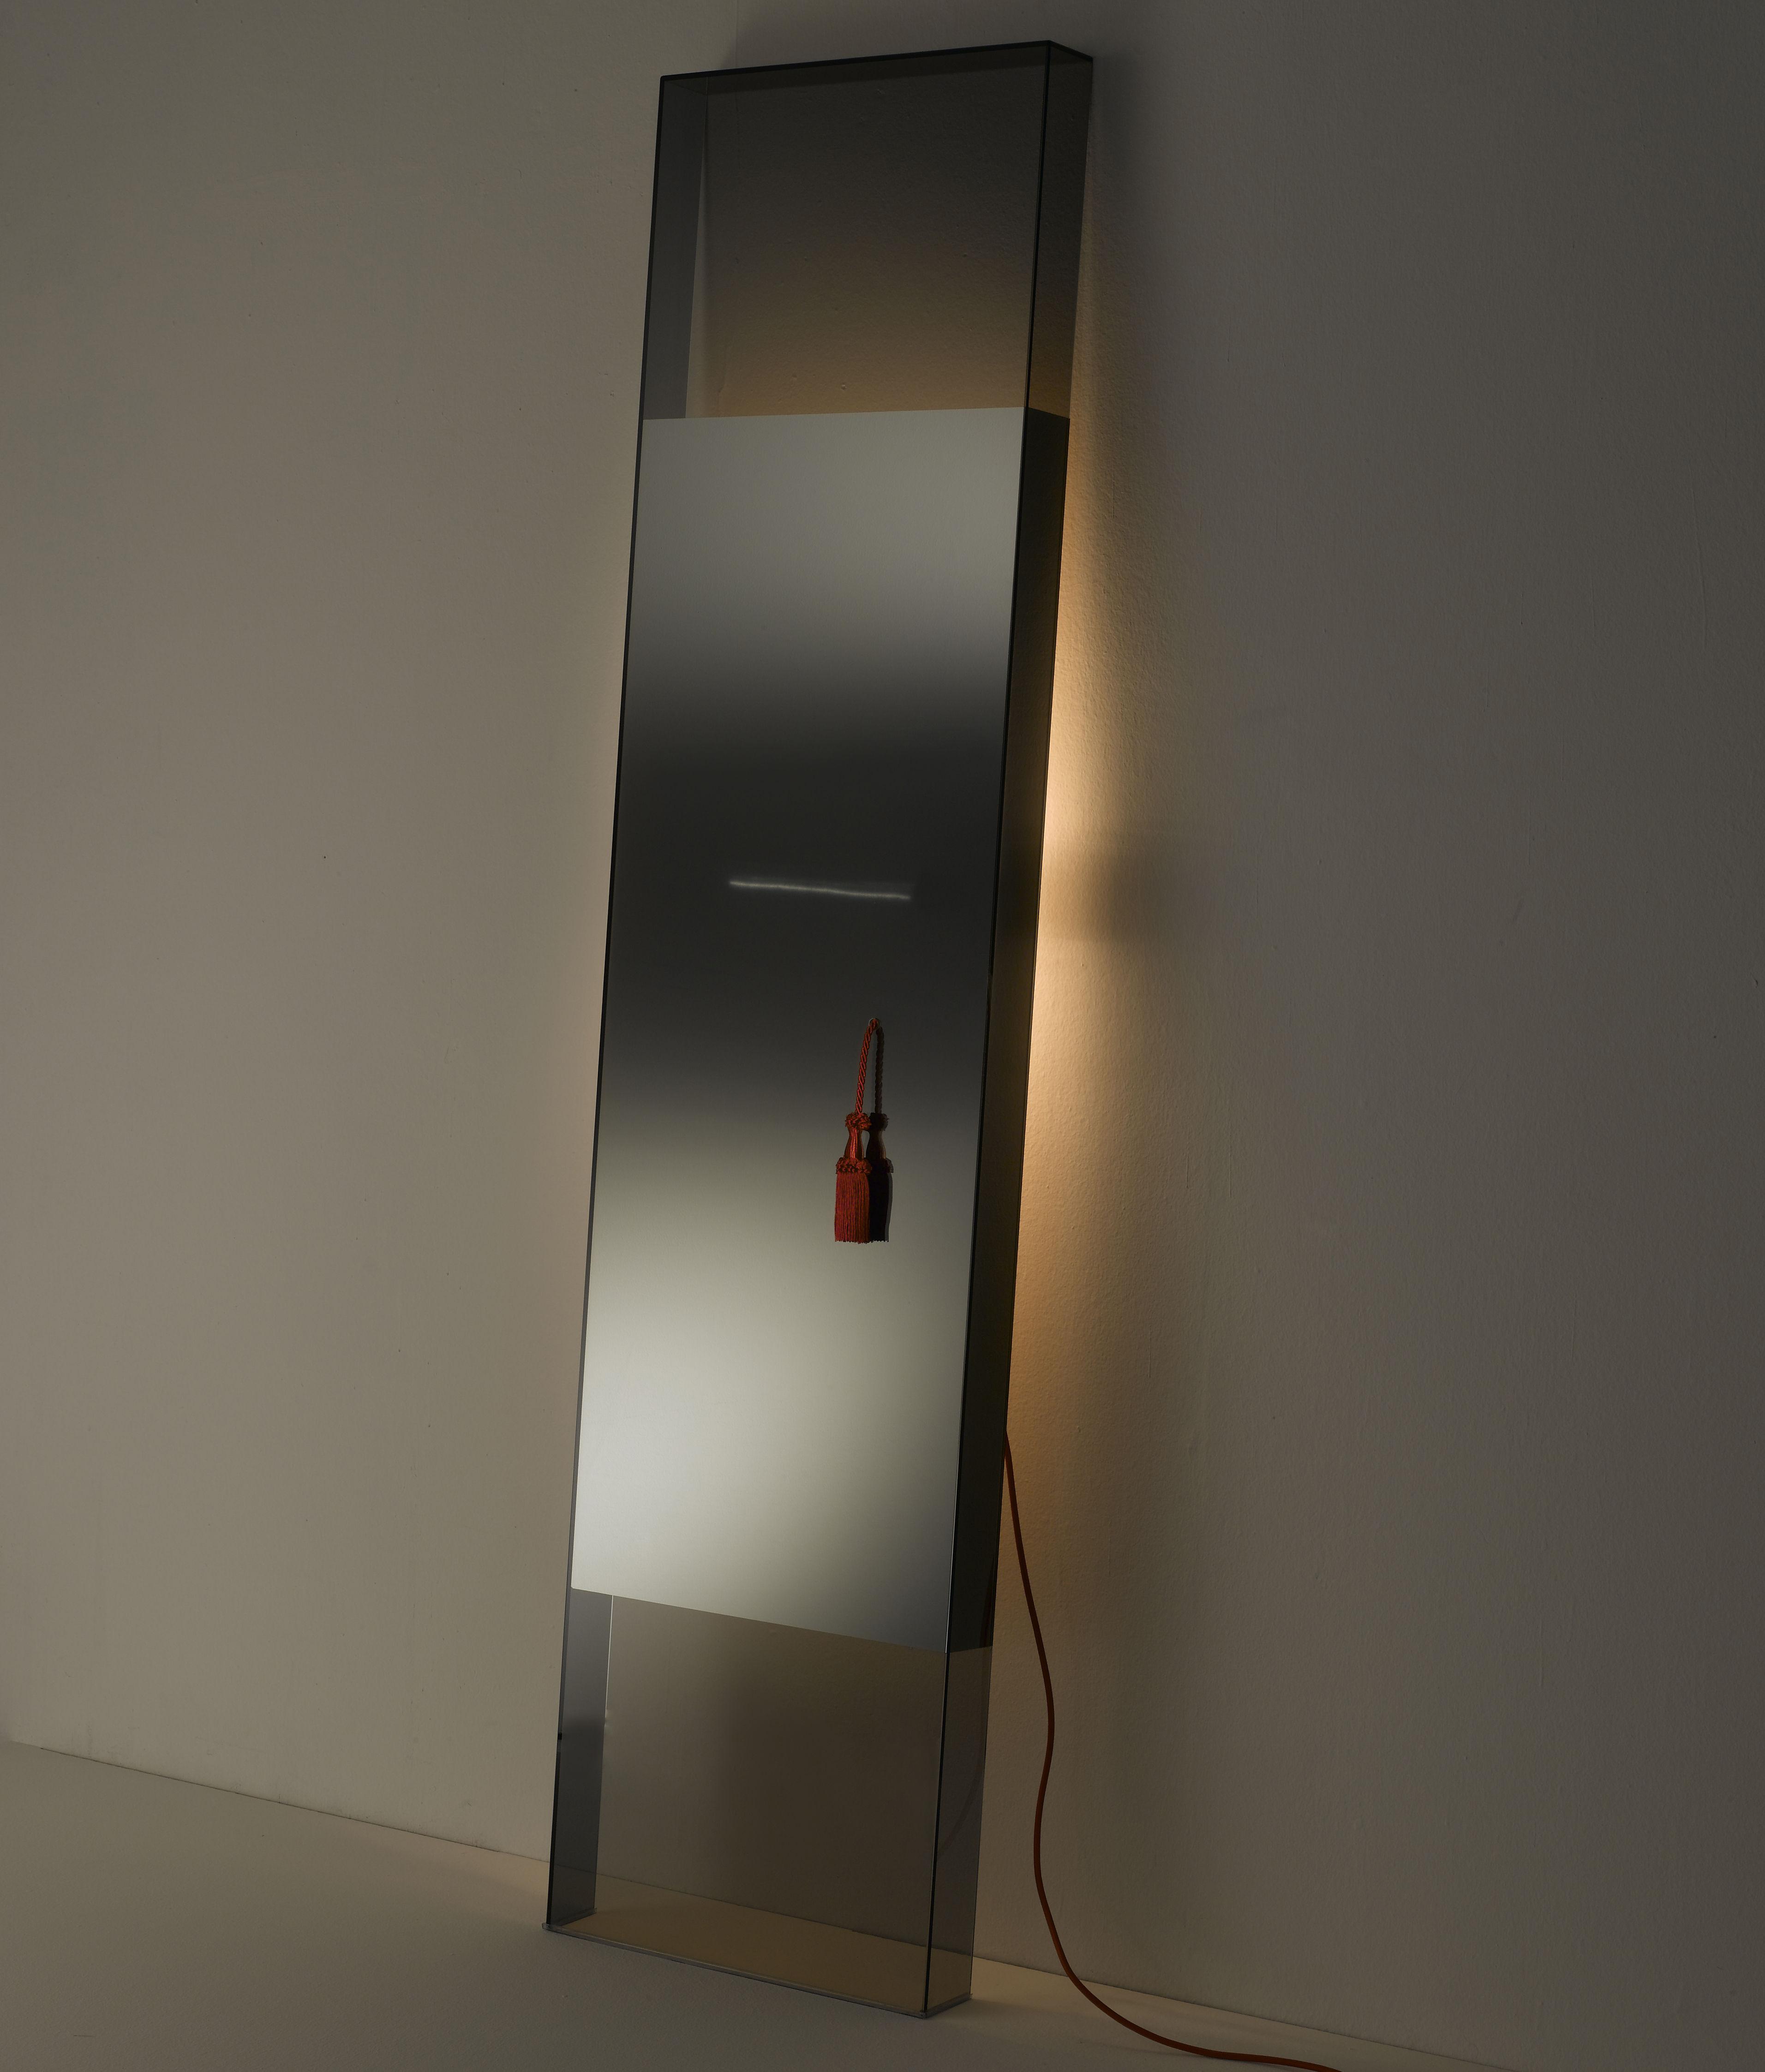 Diva mit integrierter beleuchtung glas italia spiegel for Spiegel glas